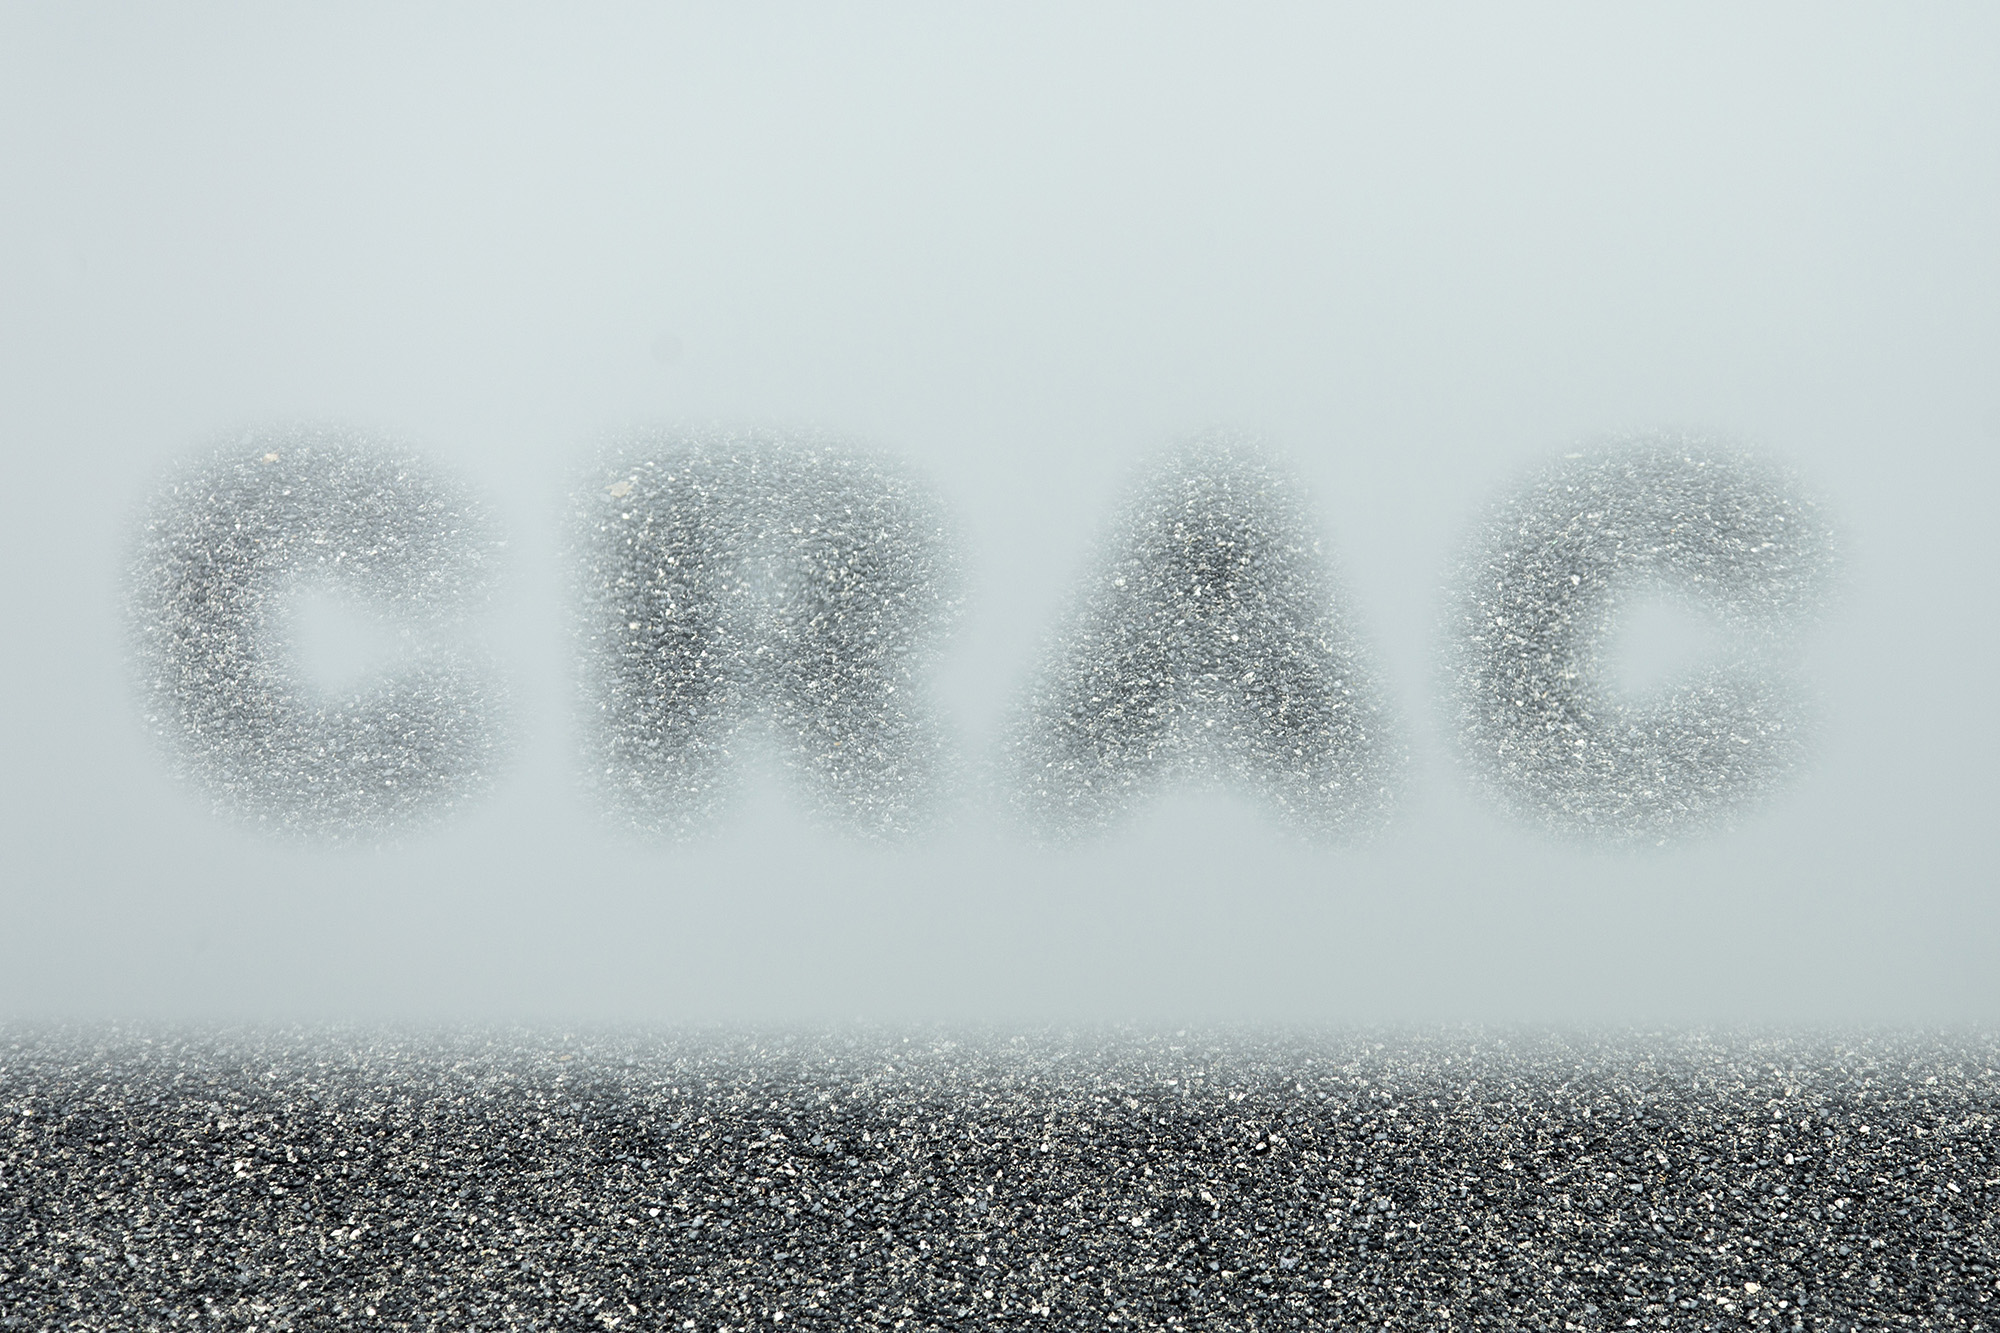 Graphic Surgery INCREASE CRAC - Chiara Ronchini Arte Contemporanea